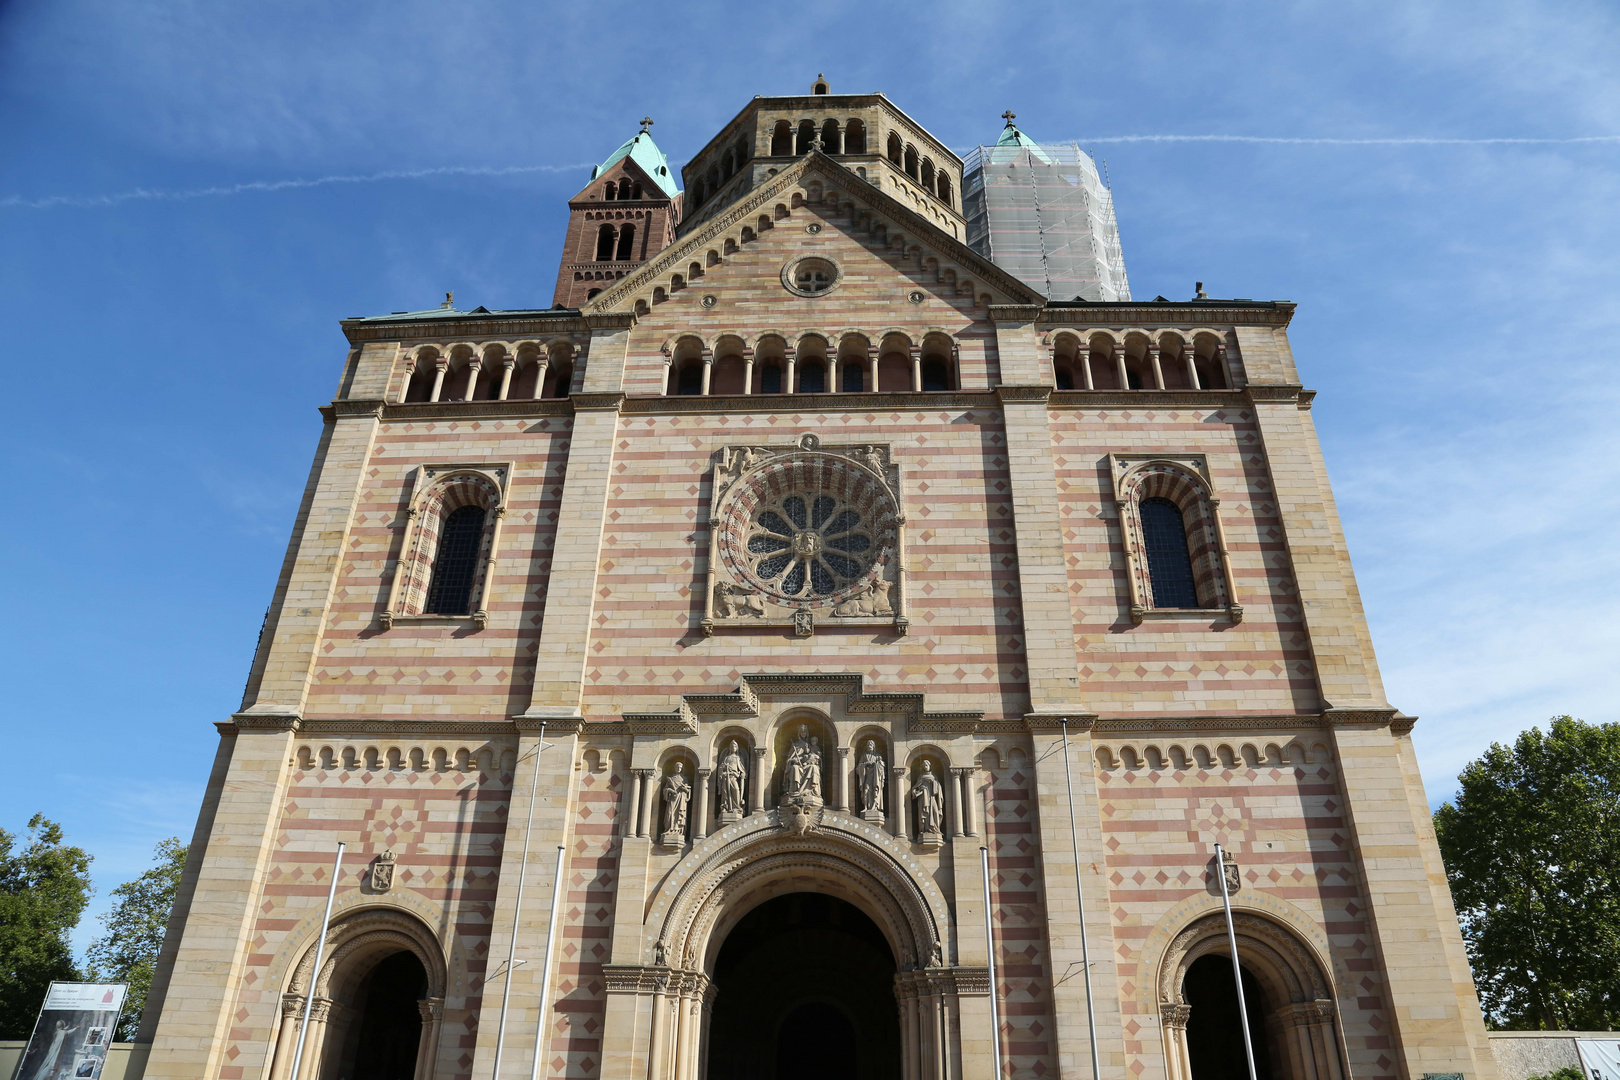 Dom zu Speyer - Westportal